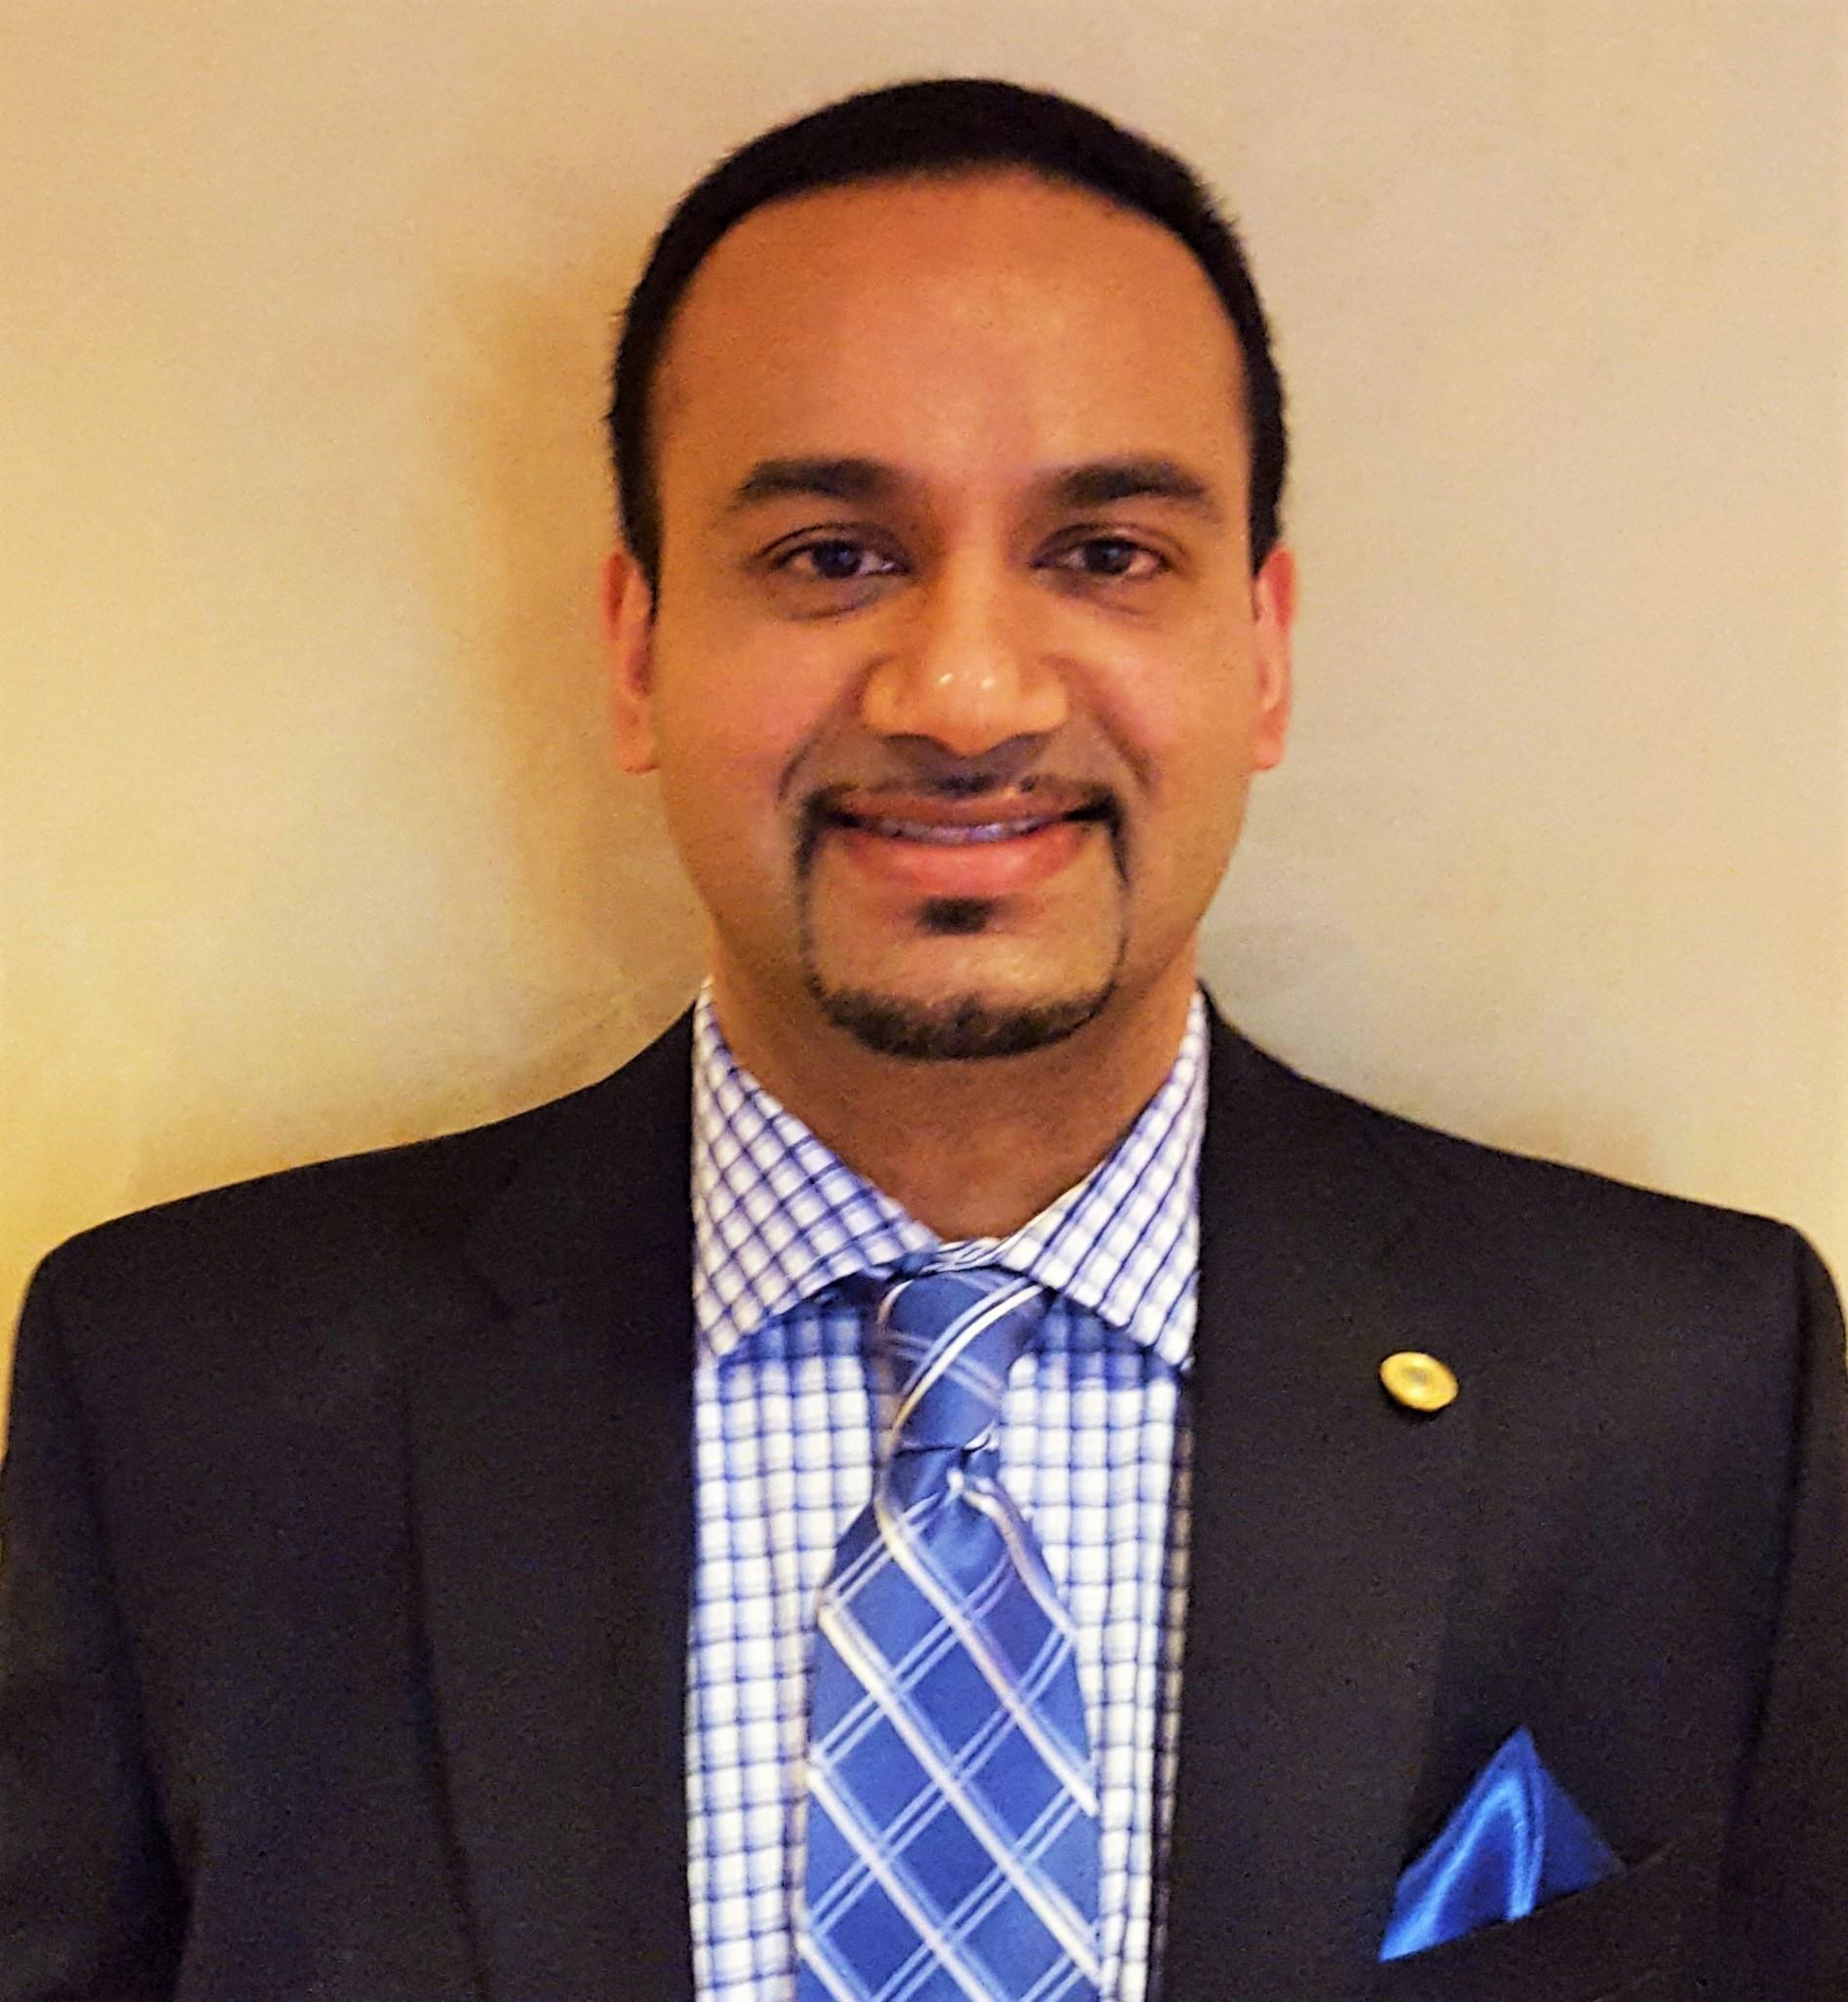 Paul G. Mathew, MD, FAAN, FAHS